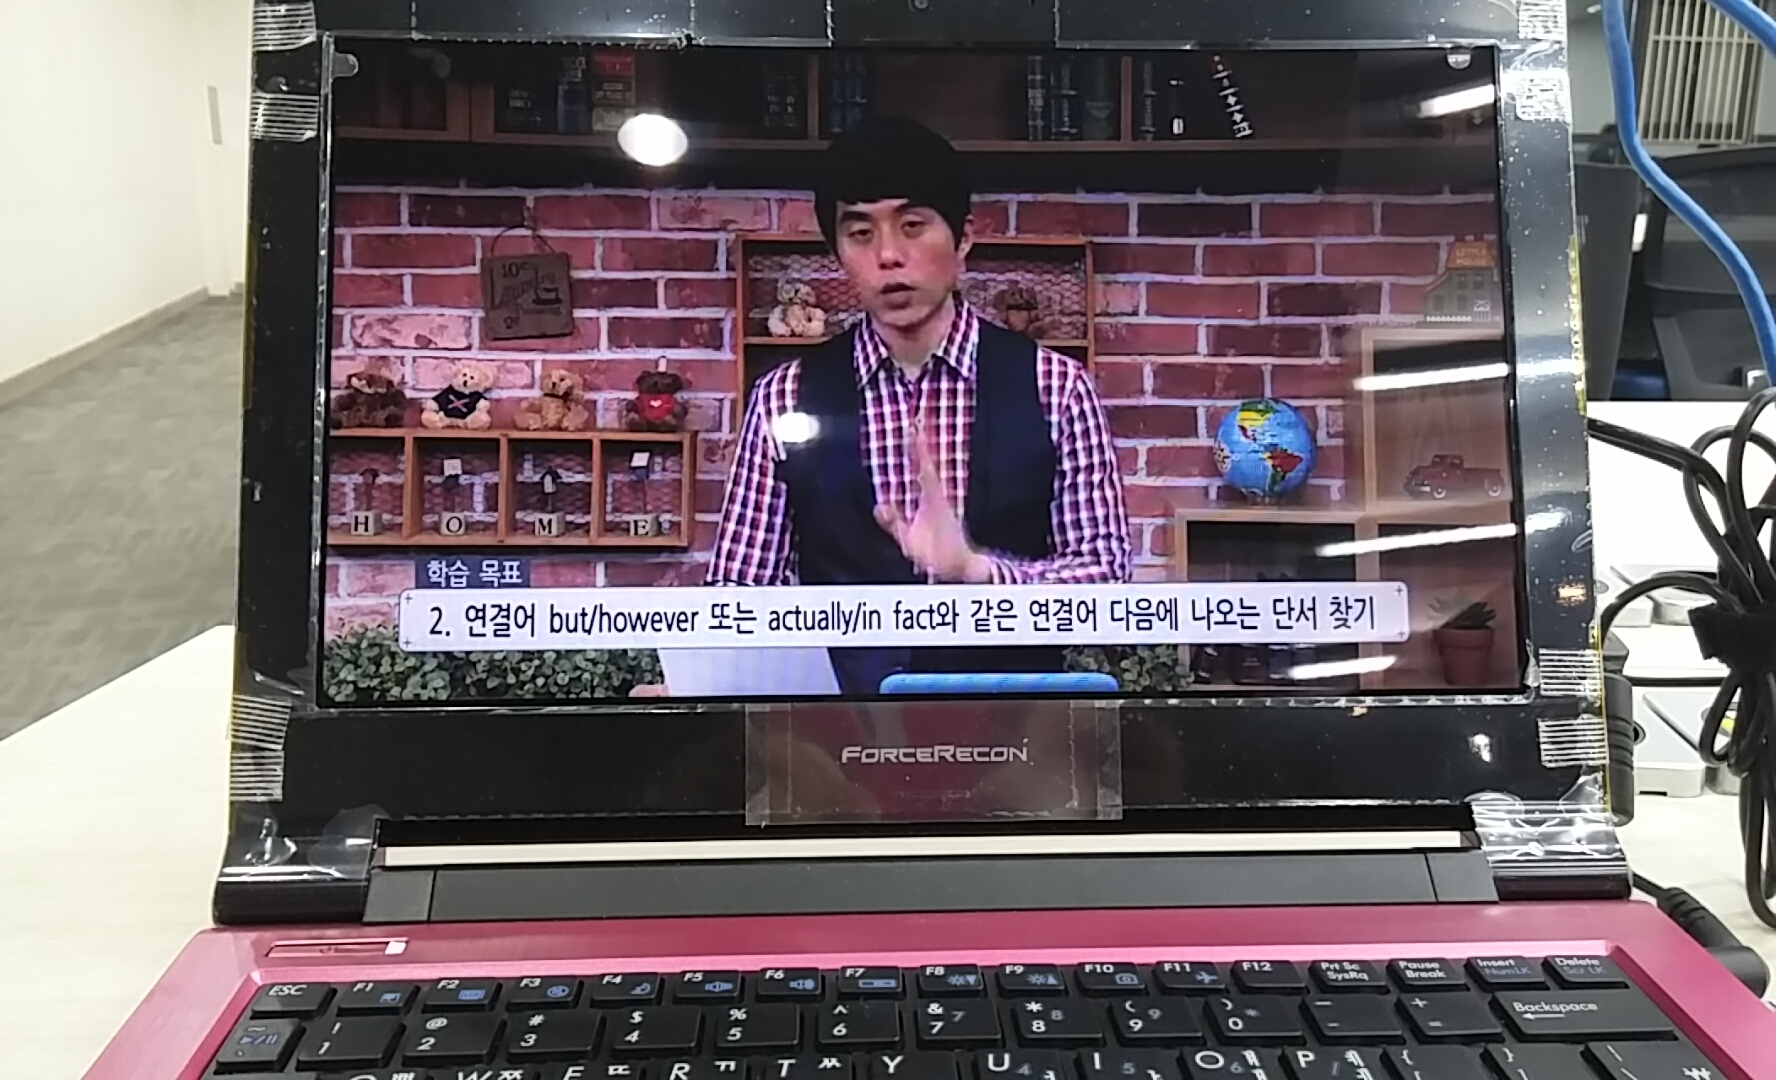 [토익독학하기/토익인강학습일기] 토목달 750코스..